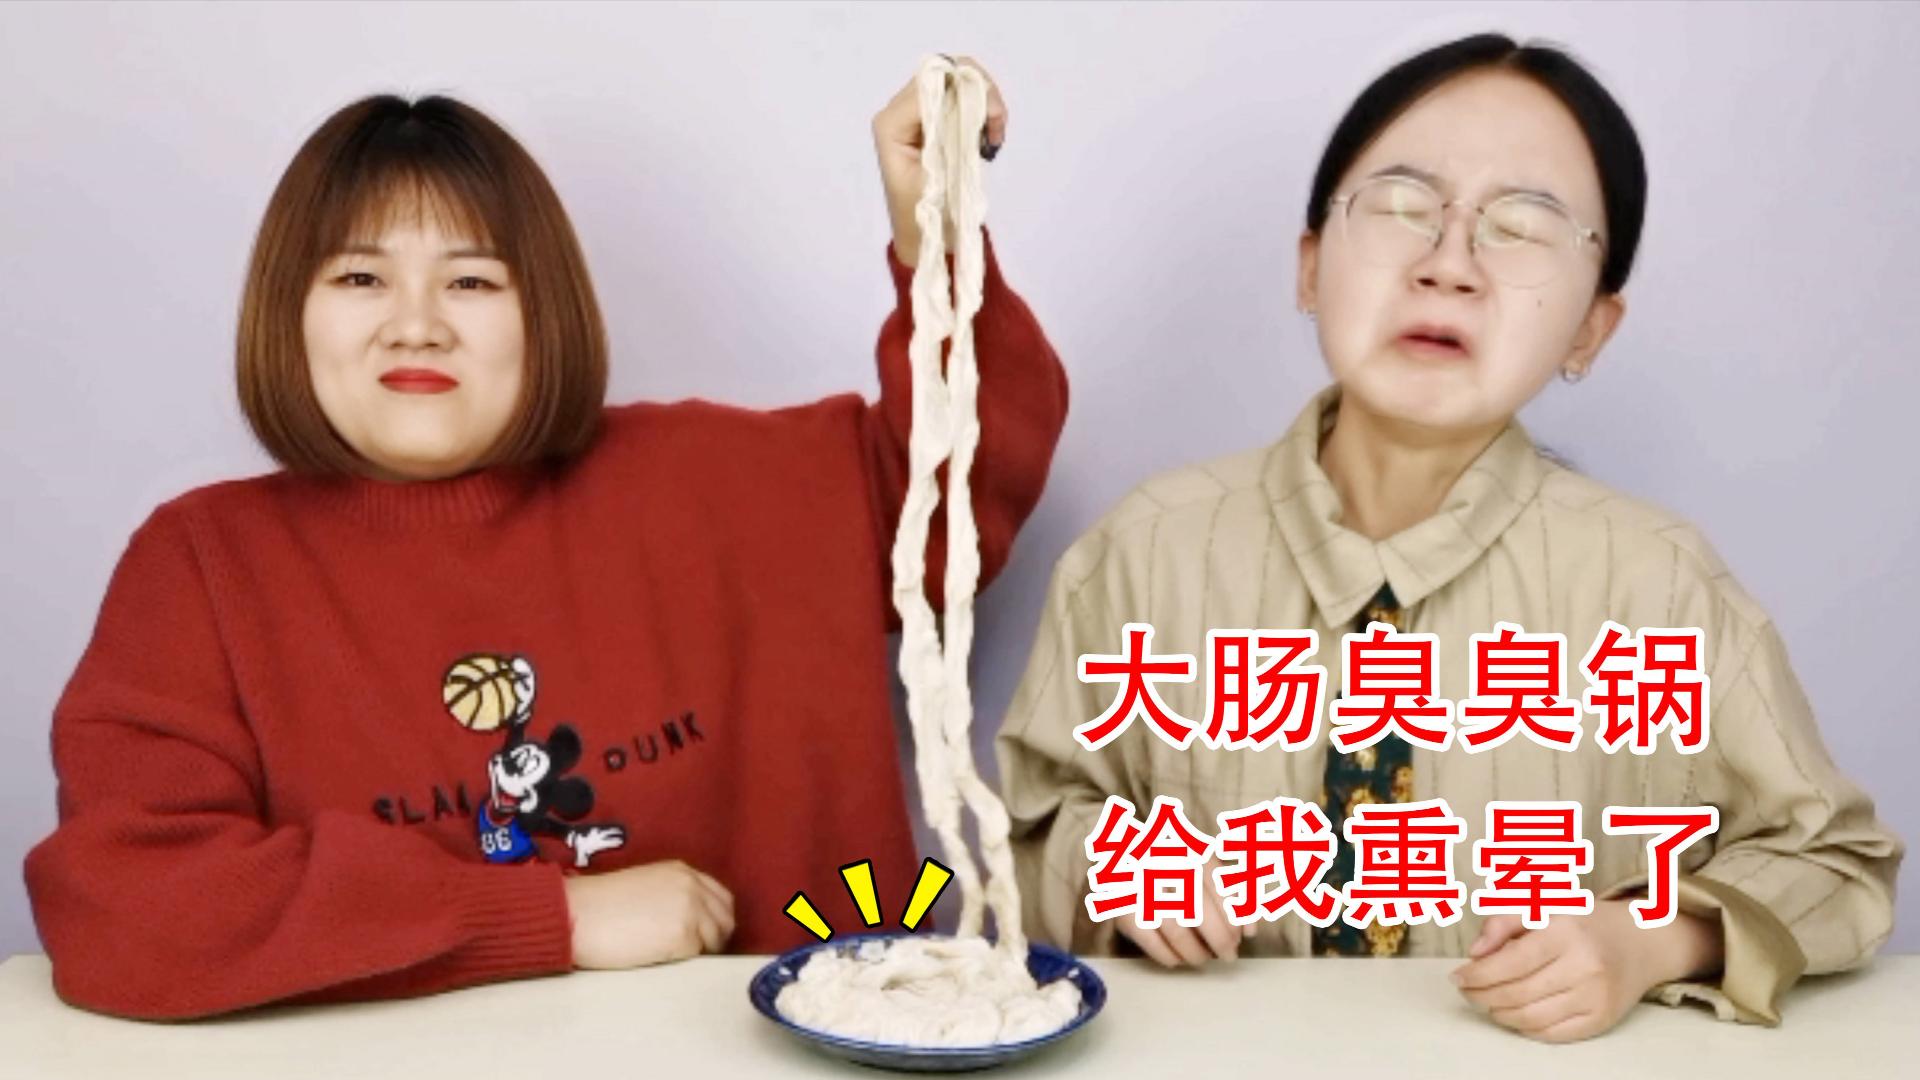 猪大肠+臭豆腐煮火锅,火爆台湾夜市的臭臭锅味道像煮屎?!